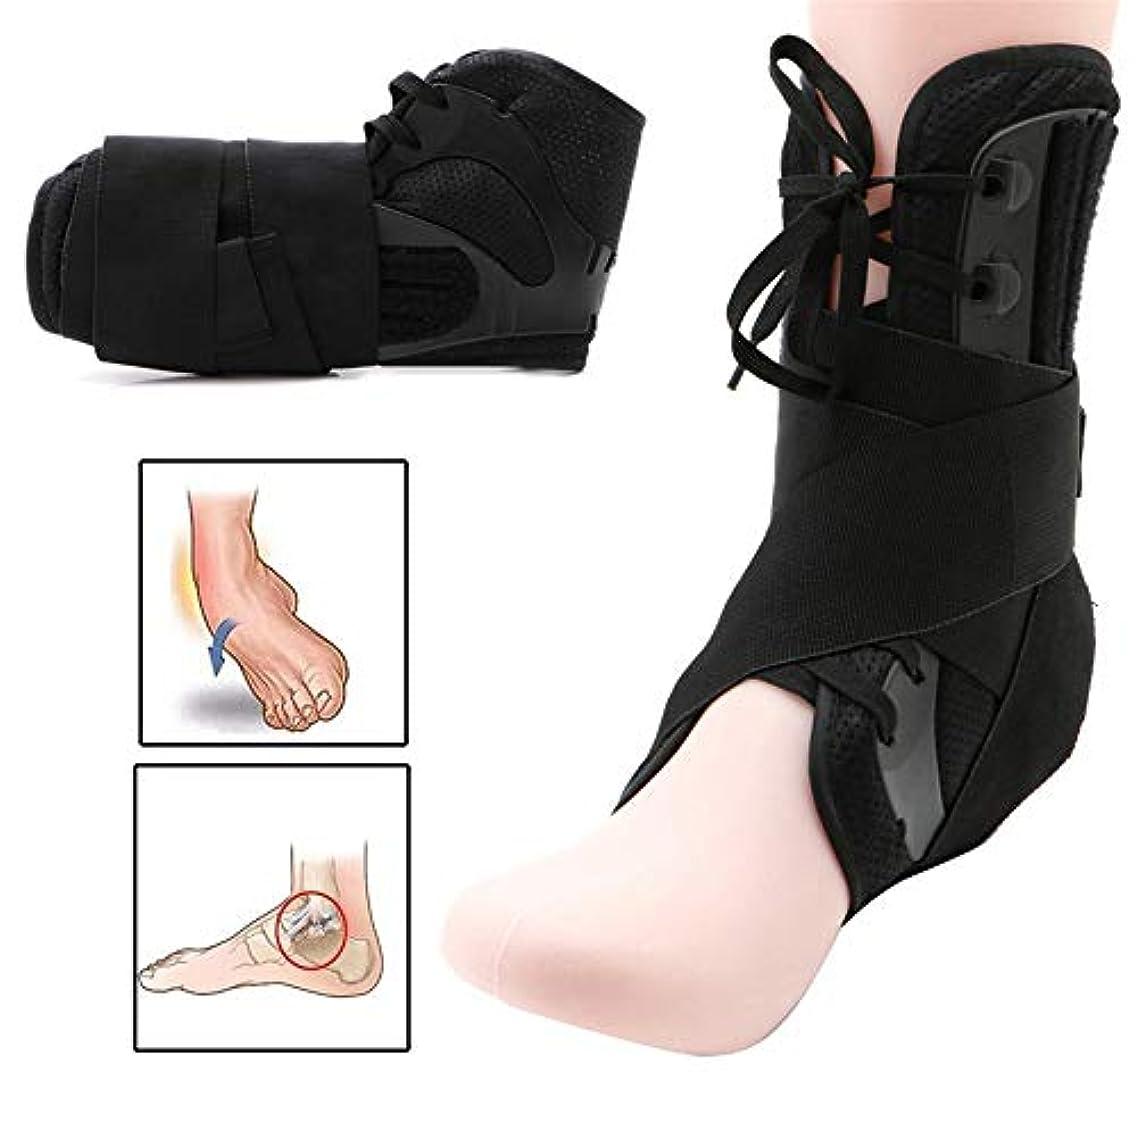 上級お金ブリーク足首装具サポート、スポーツ調整可能な足首ストラップ、スポーツサポート調整可能な足装具安定装置足首プロテクター